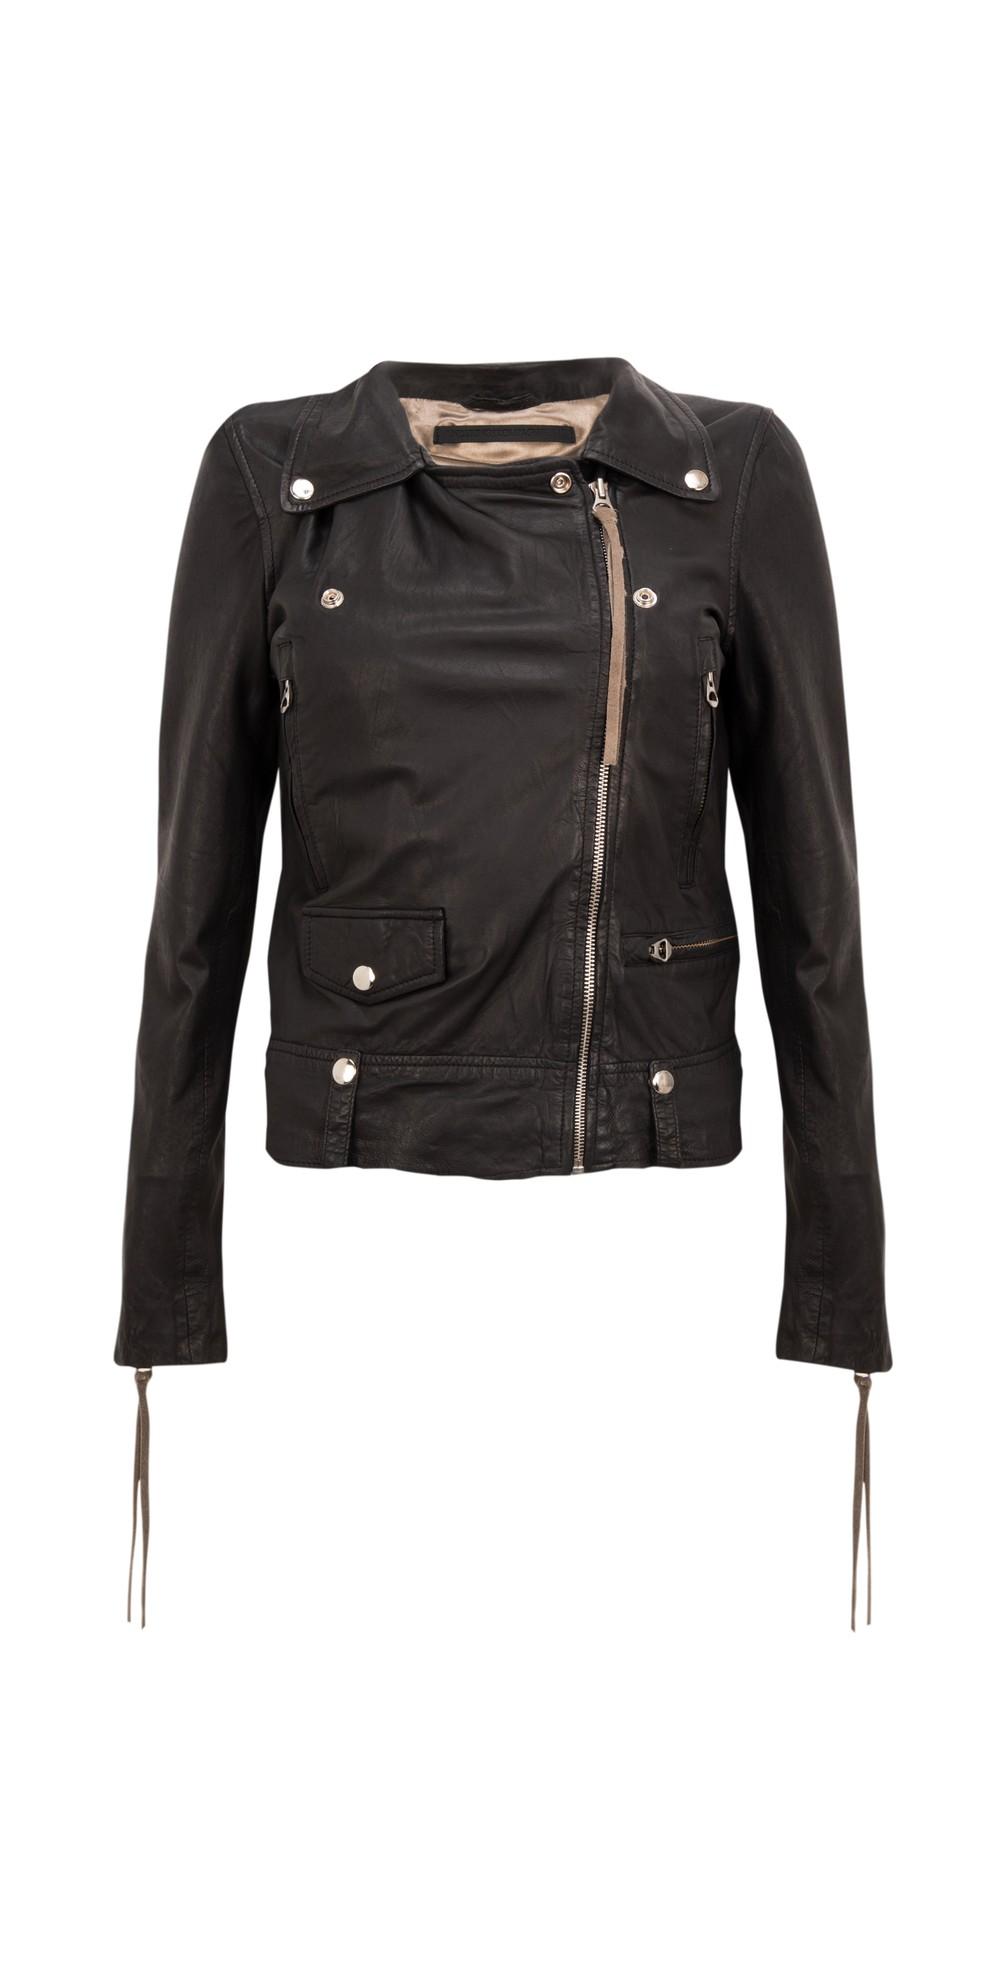 Seattle Leather Jacket main image